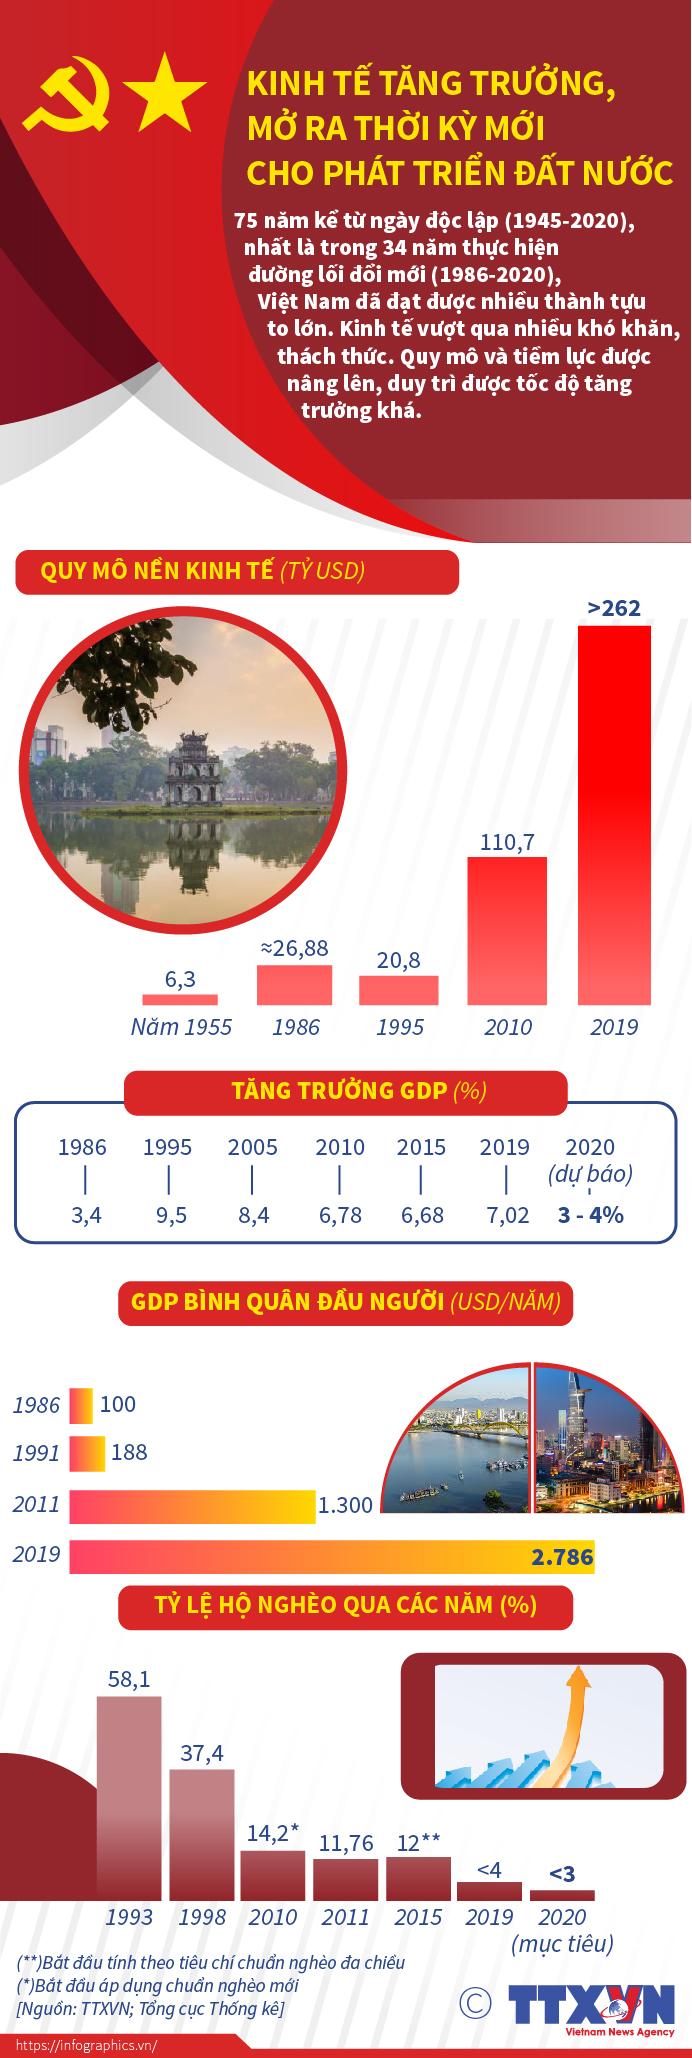 Kinh tế tăng trưởng, mở ra giai thời kỳ mới cho phát triển đất nước